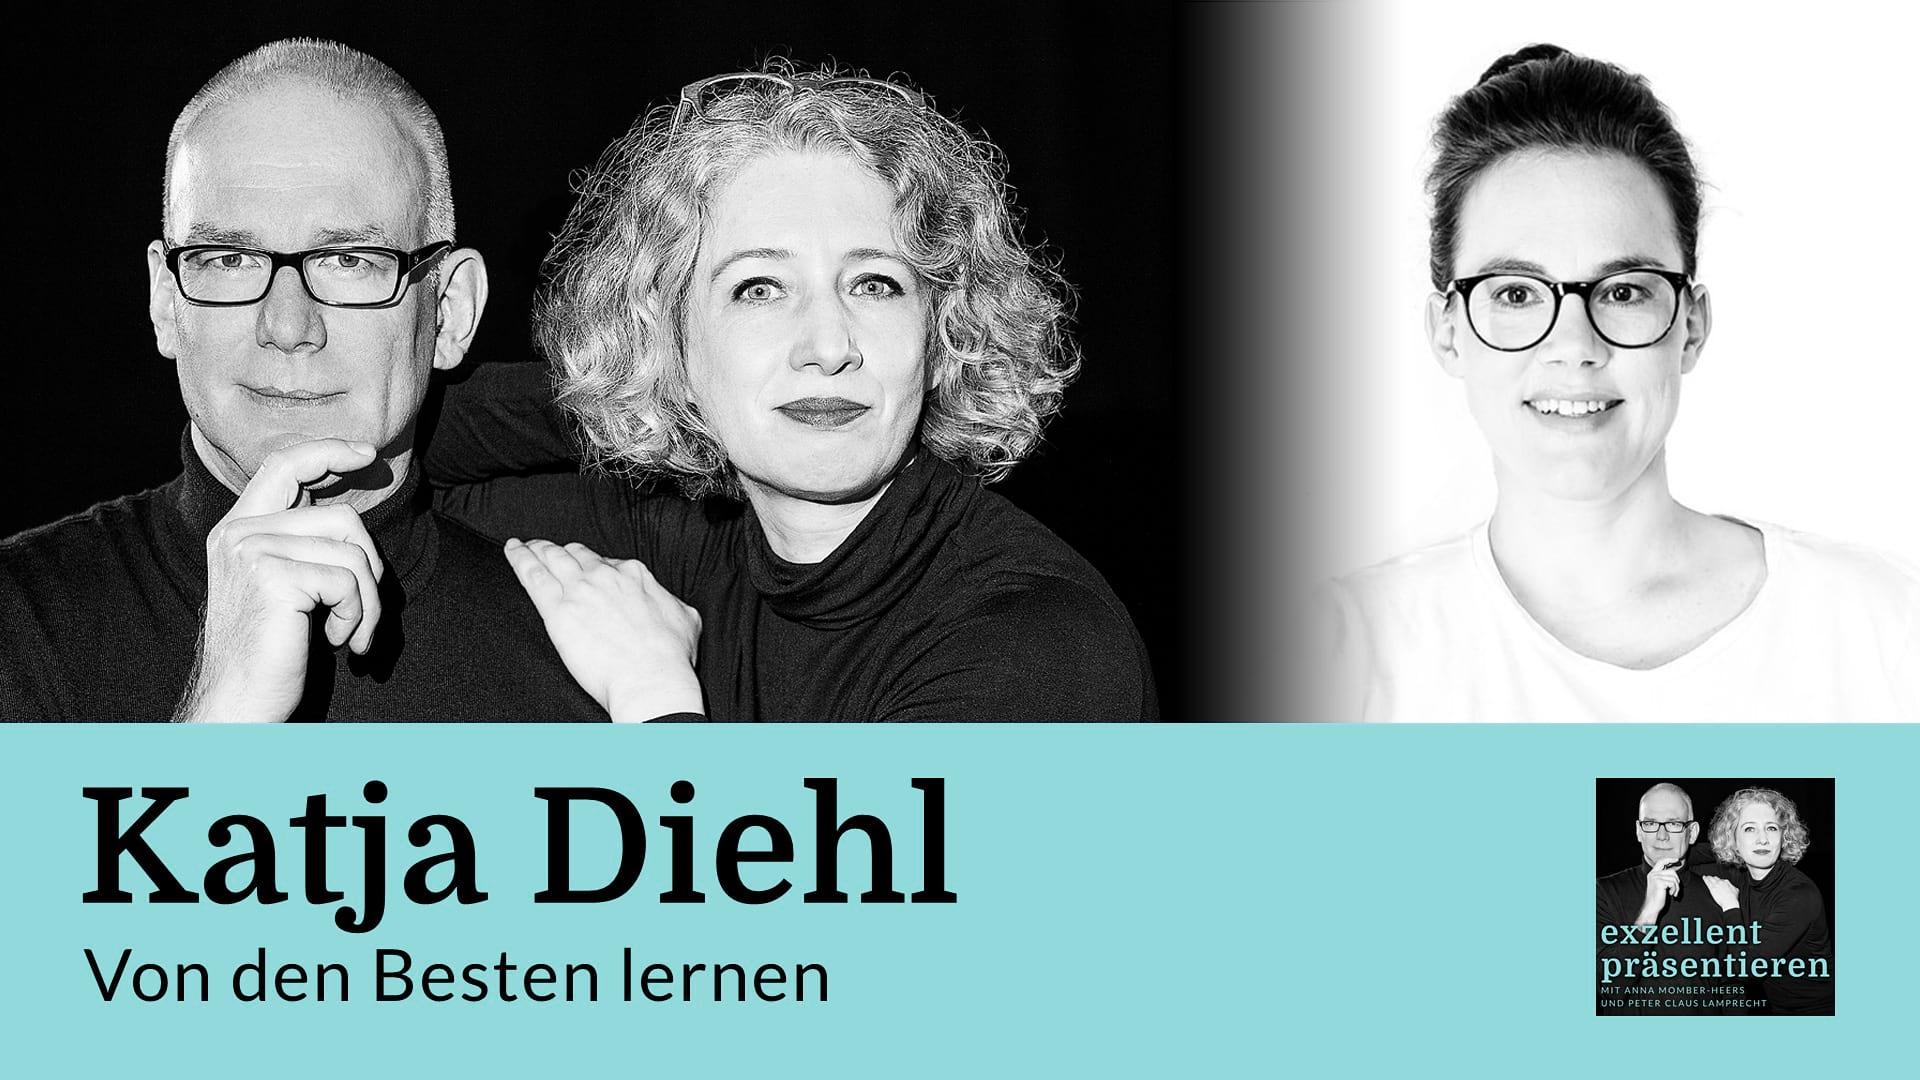 Von den Besten lernen: Katja Diehl